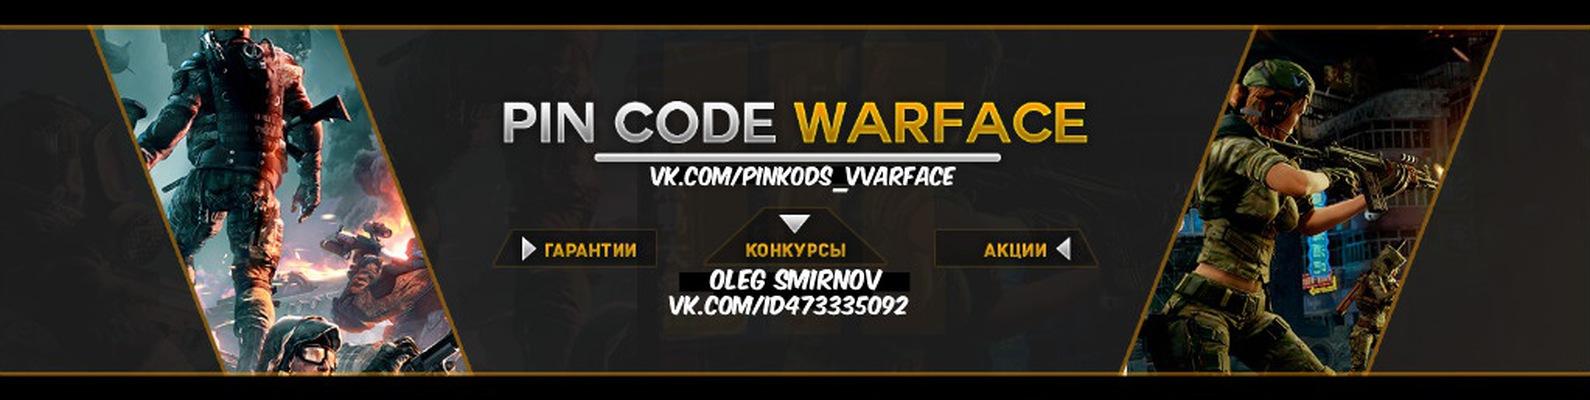 Раздача пин кодов warface